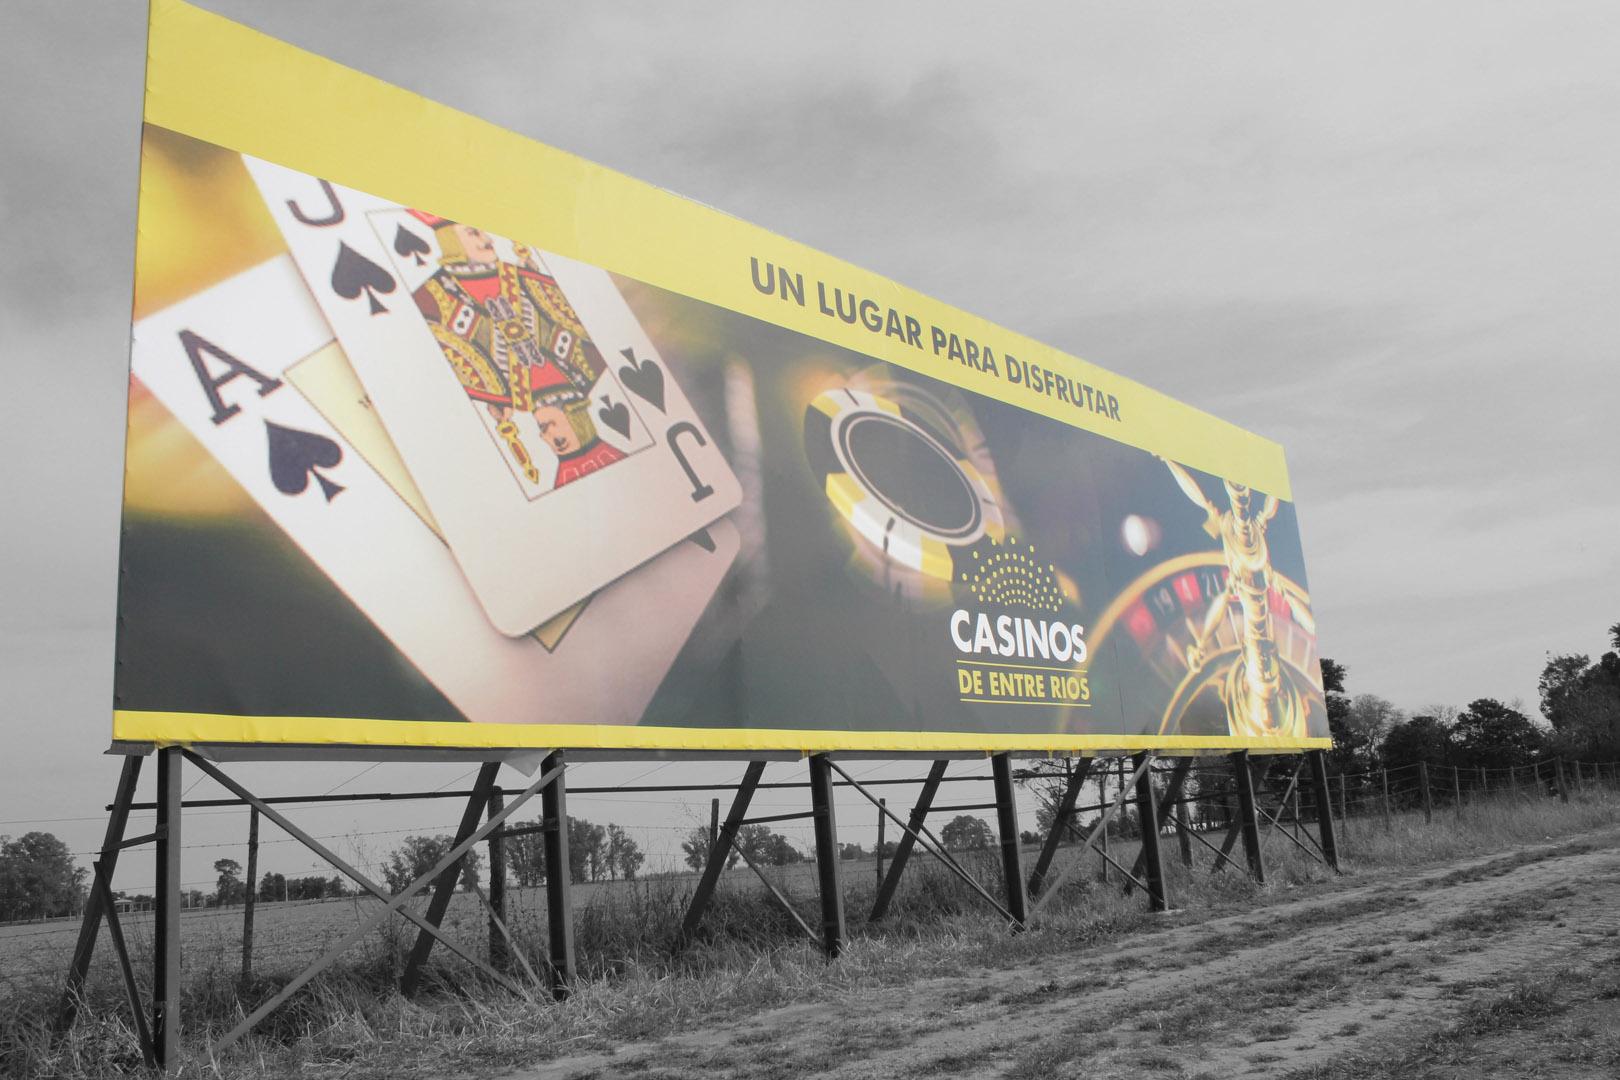 casinos publicitarios miran en línea